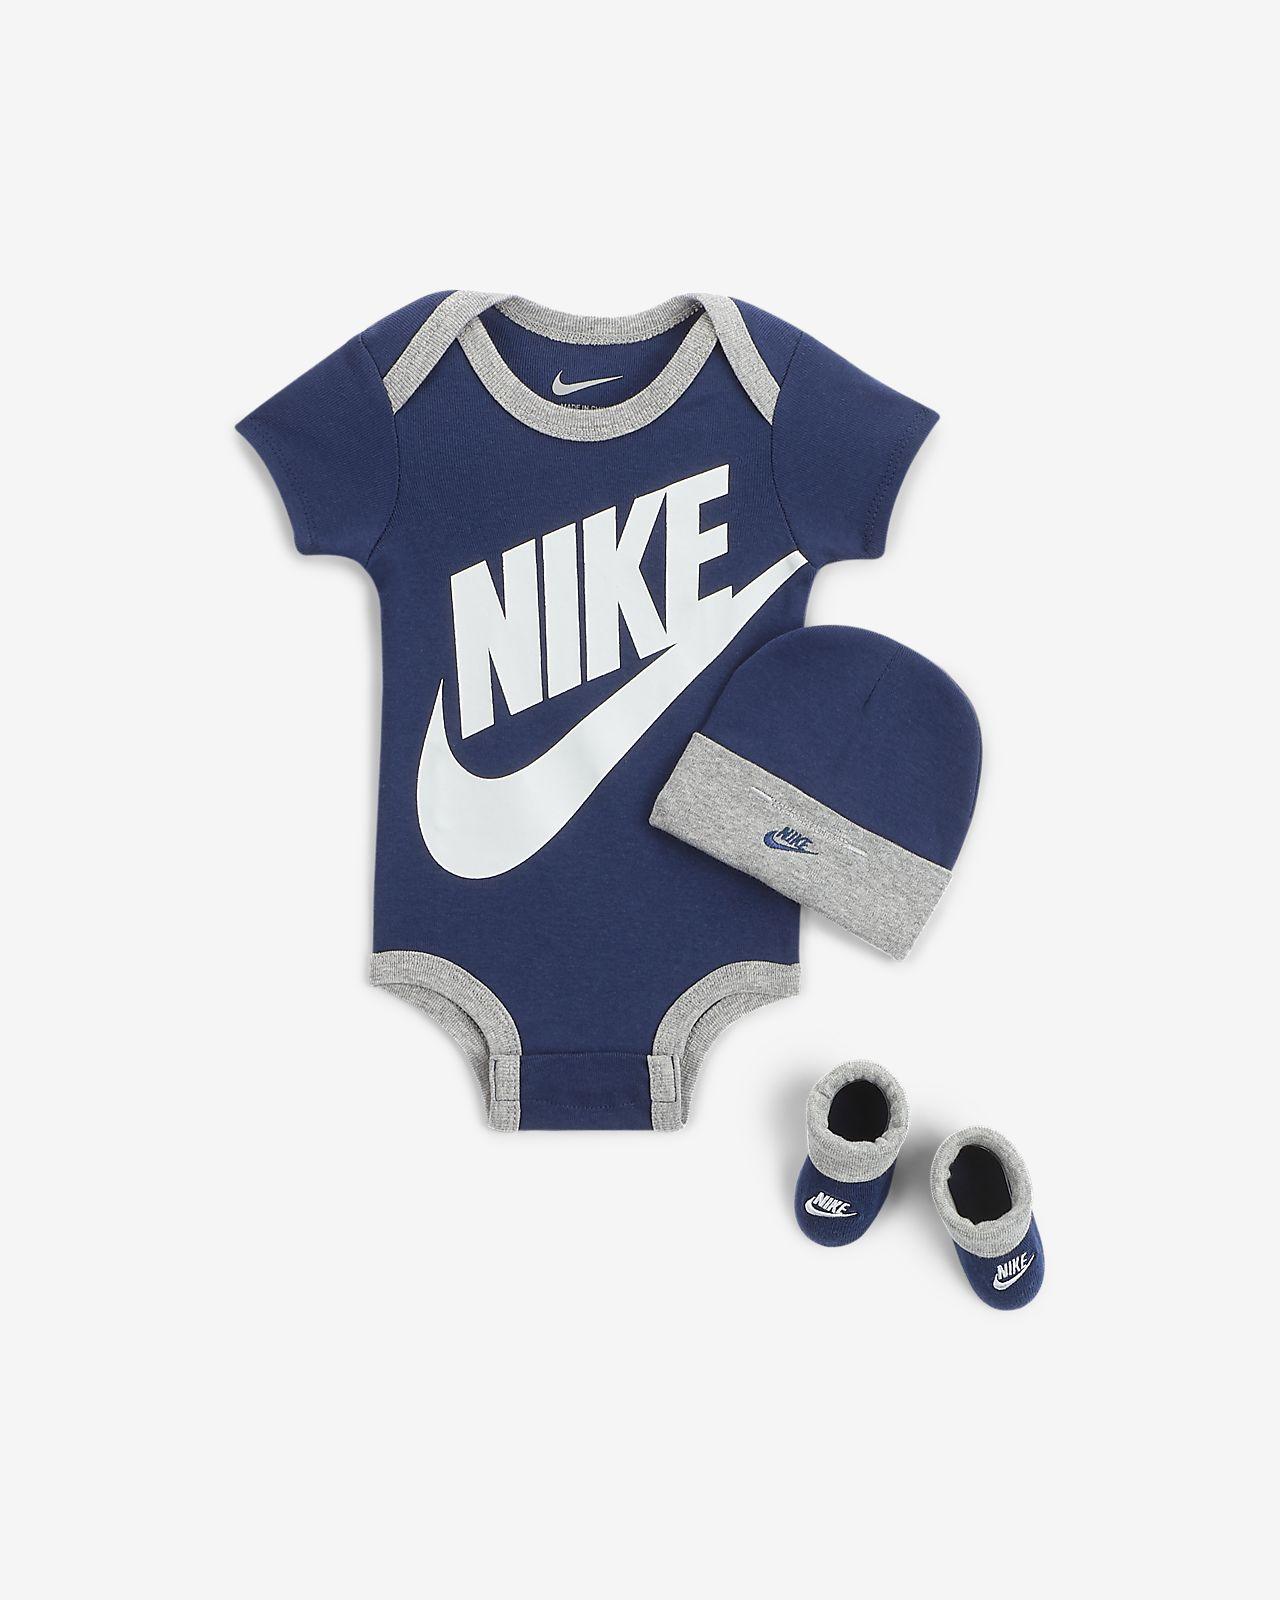 Nike Sportswear kombidressz, beanie sapka és cipő szett babáknak